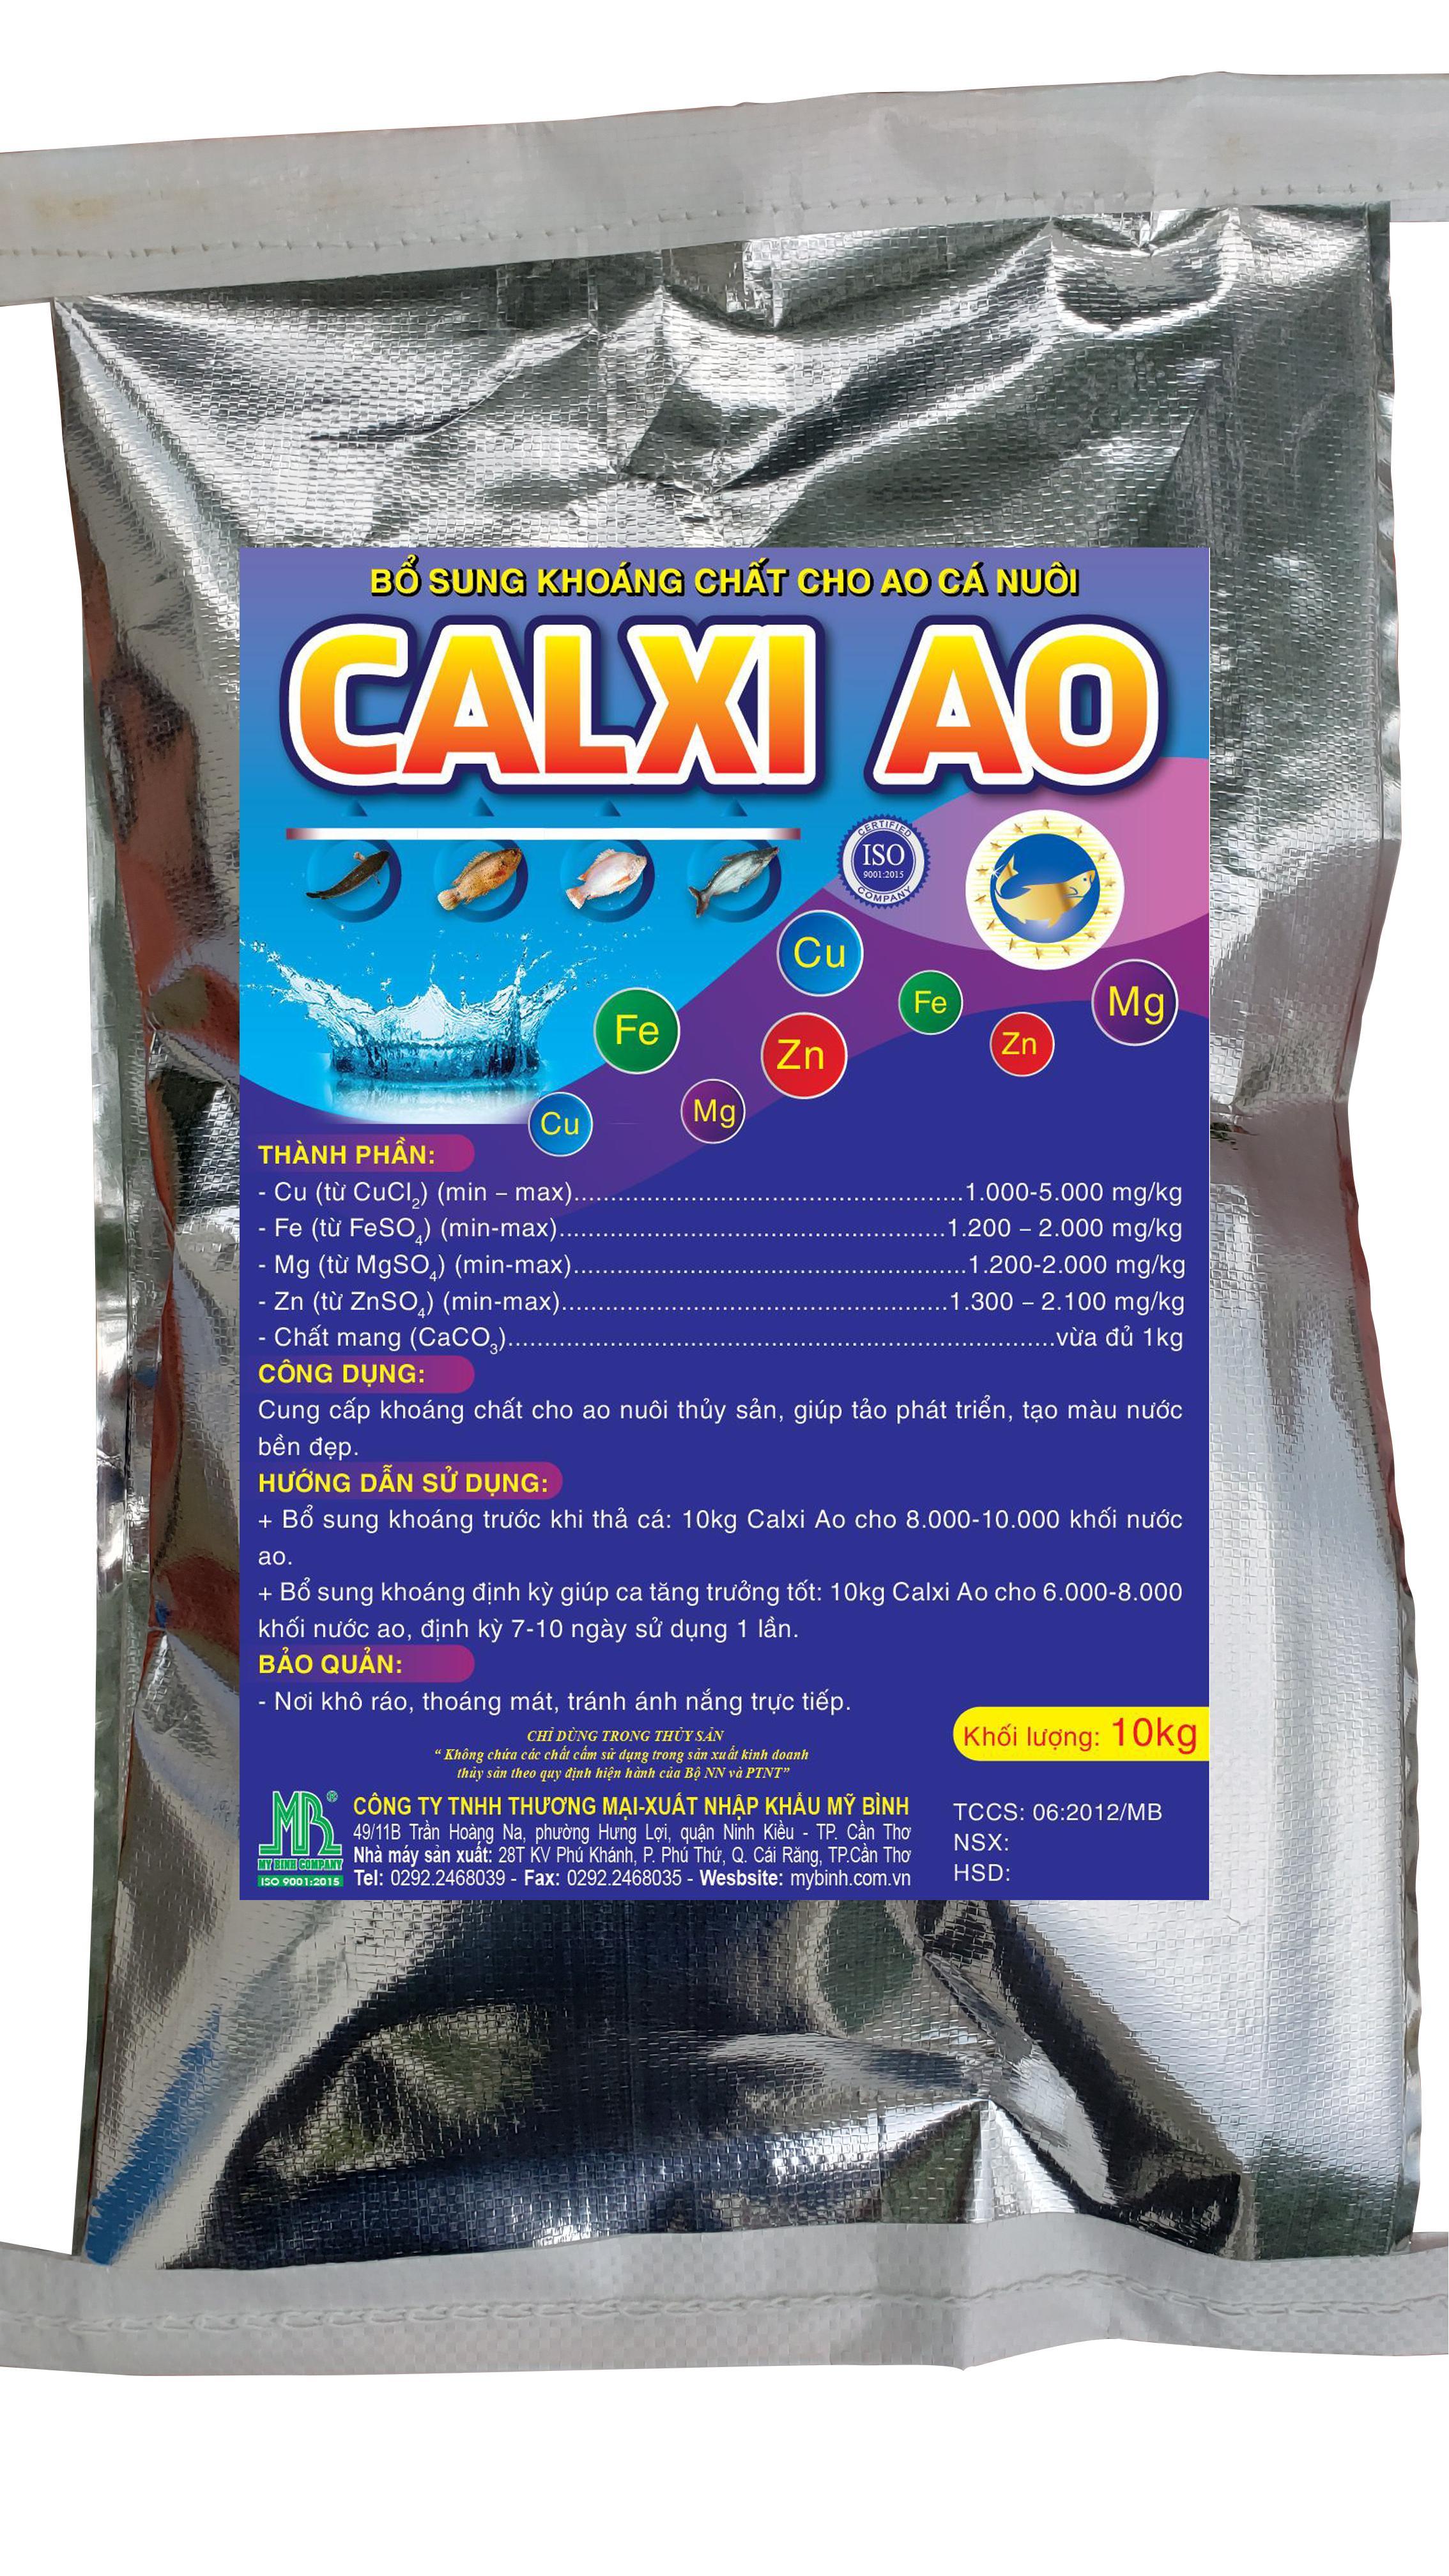 CALXI AO - Bổ sung khoáng chất cho ao nuôi cá